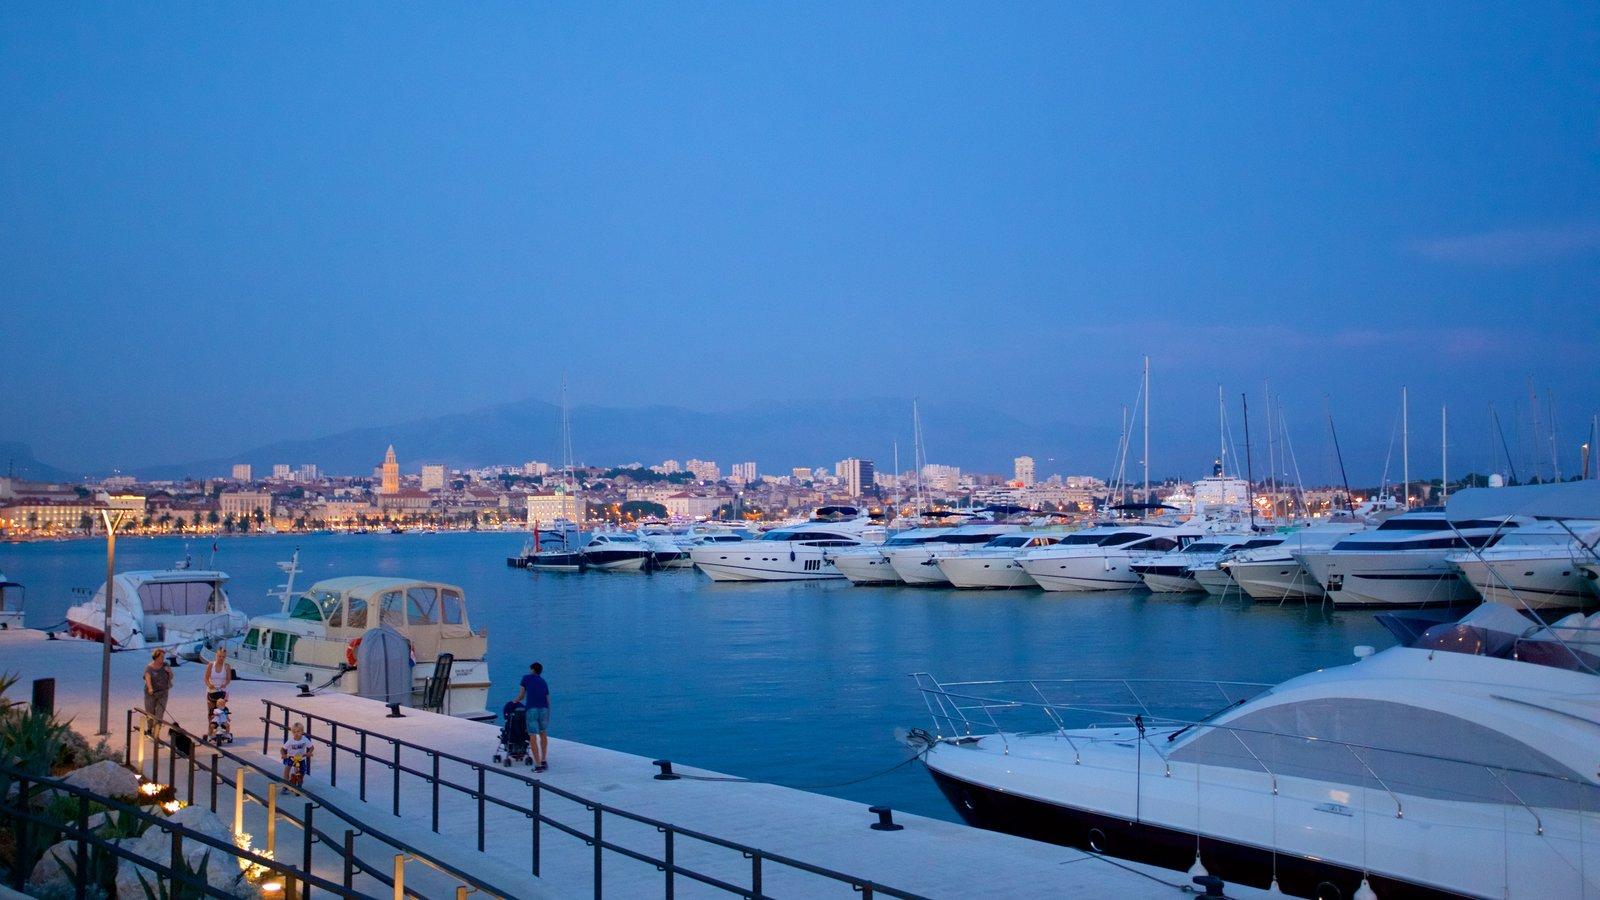 Puerto deportivo ofreciendo escenas nocturnas y una marina